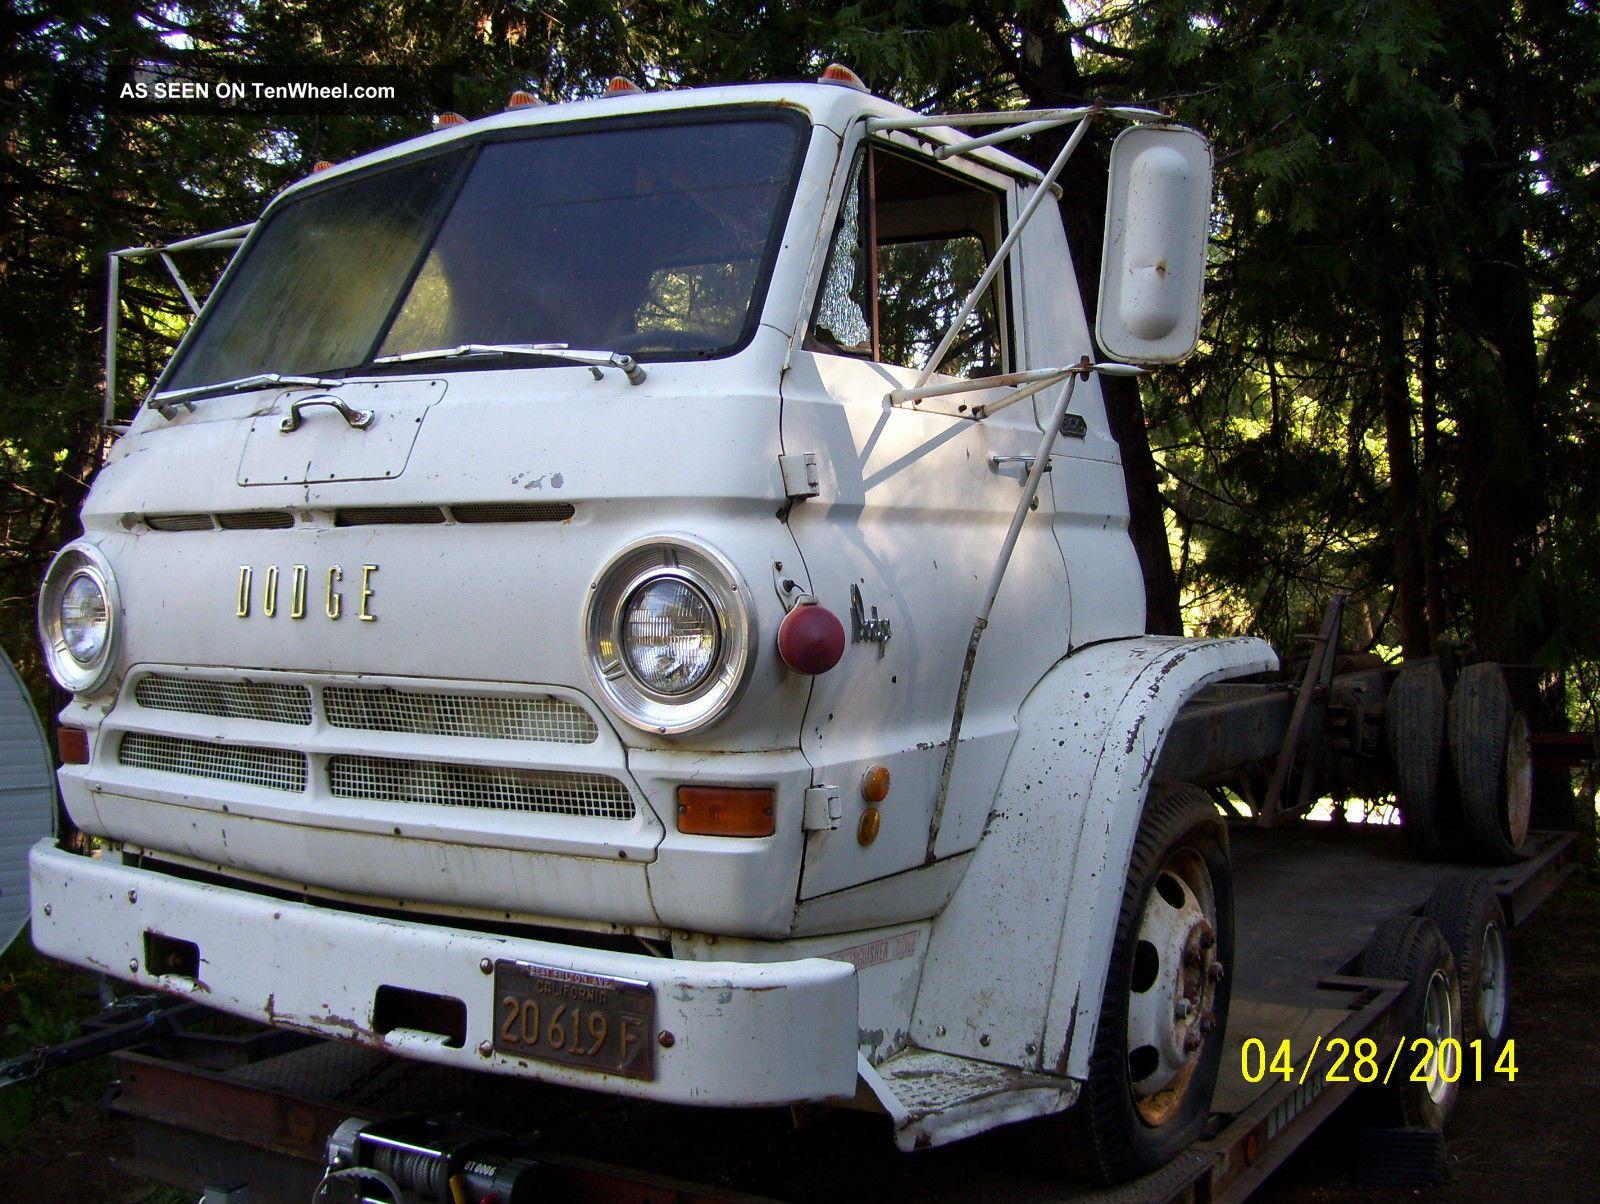 1969 Dodge L600 Cabover Coe 361 Cid Wedge, Now Registered ...